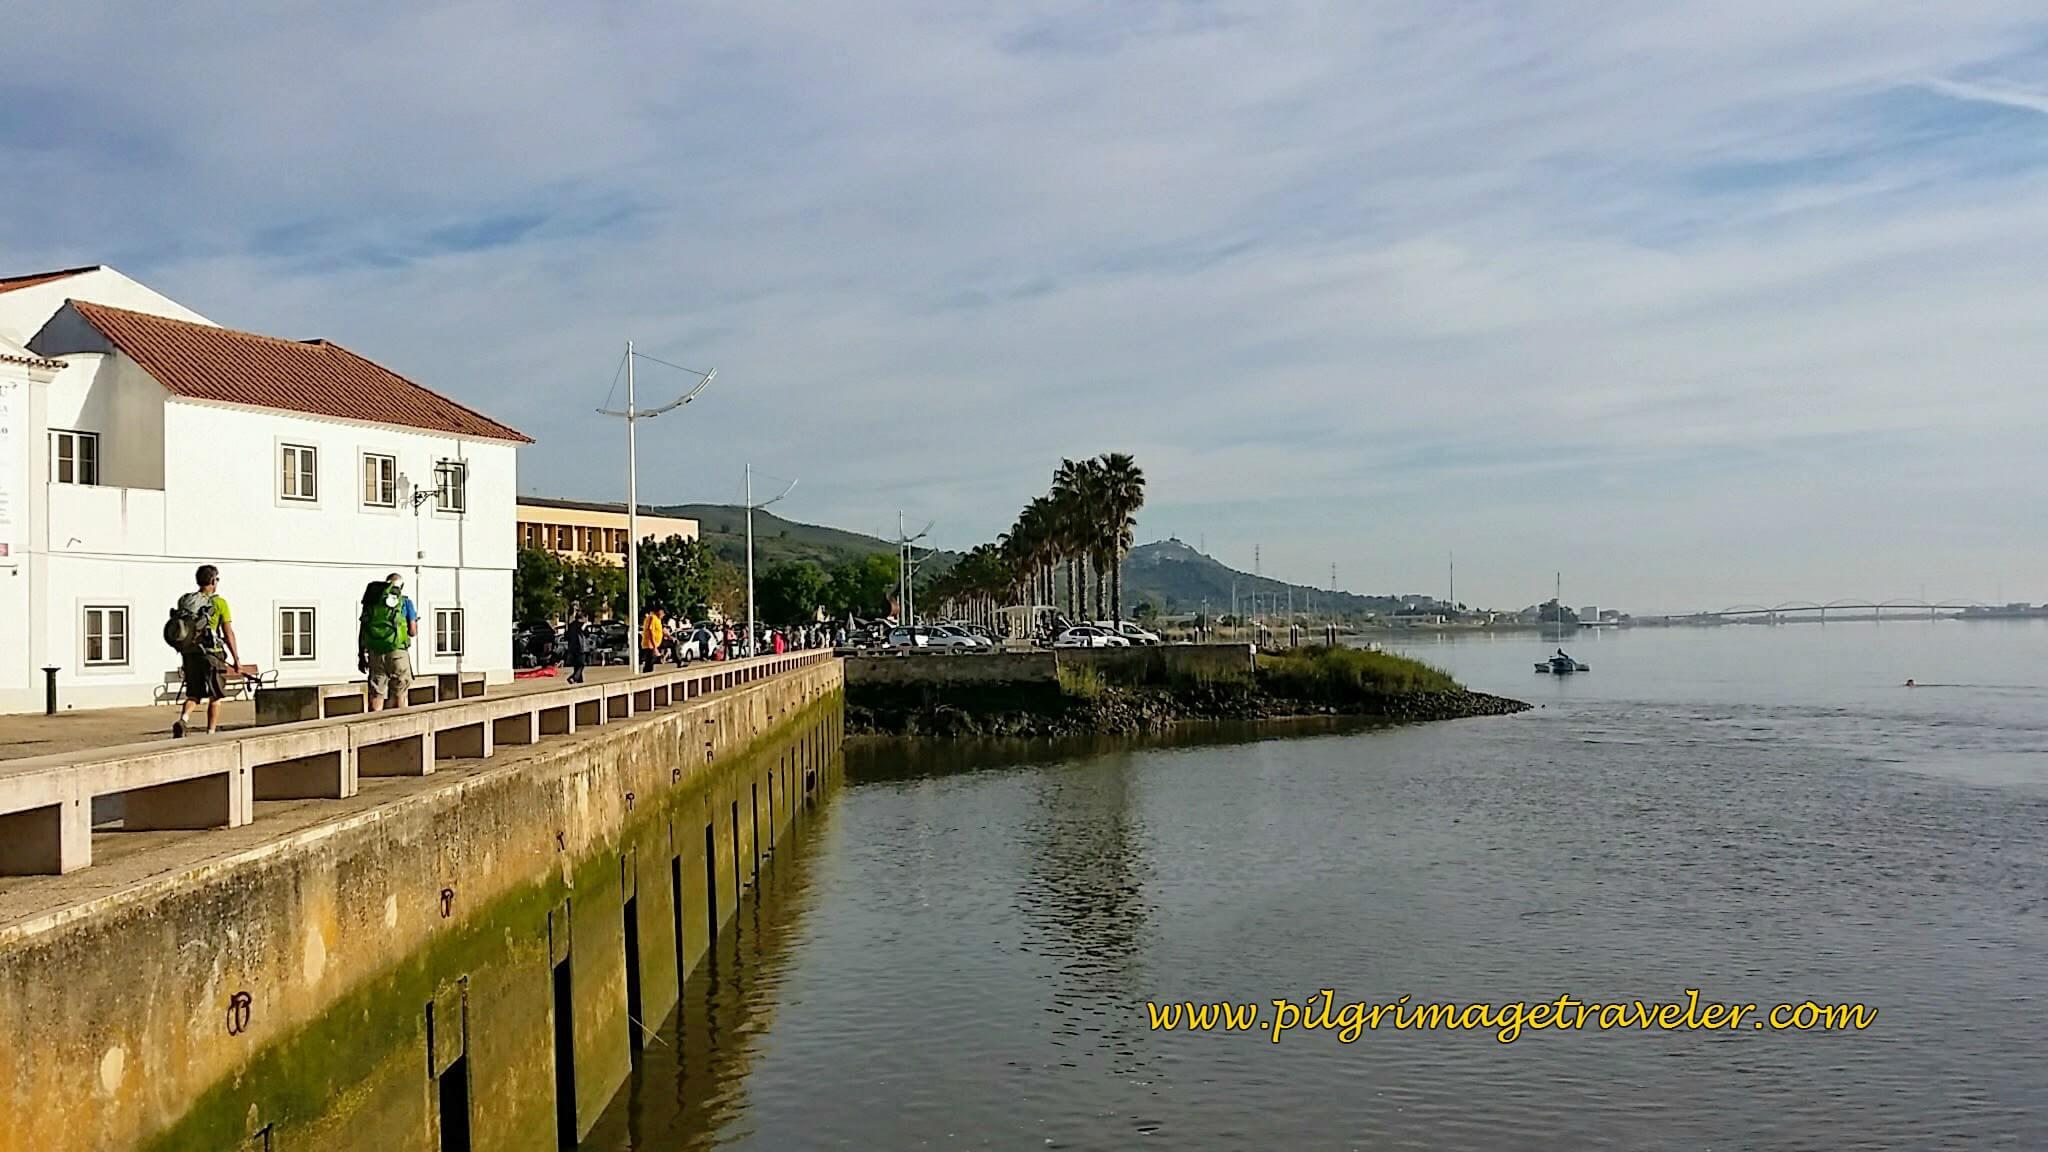 The Alhandra Riverwalk ~ Passeio Pedronal Ribeirinho de Alhandra